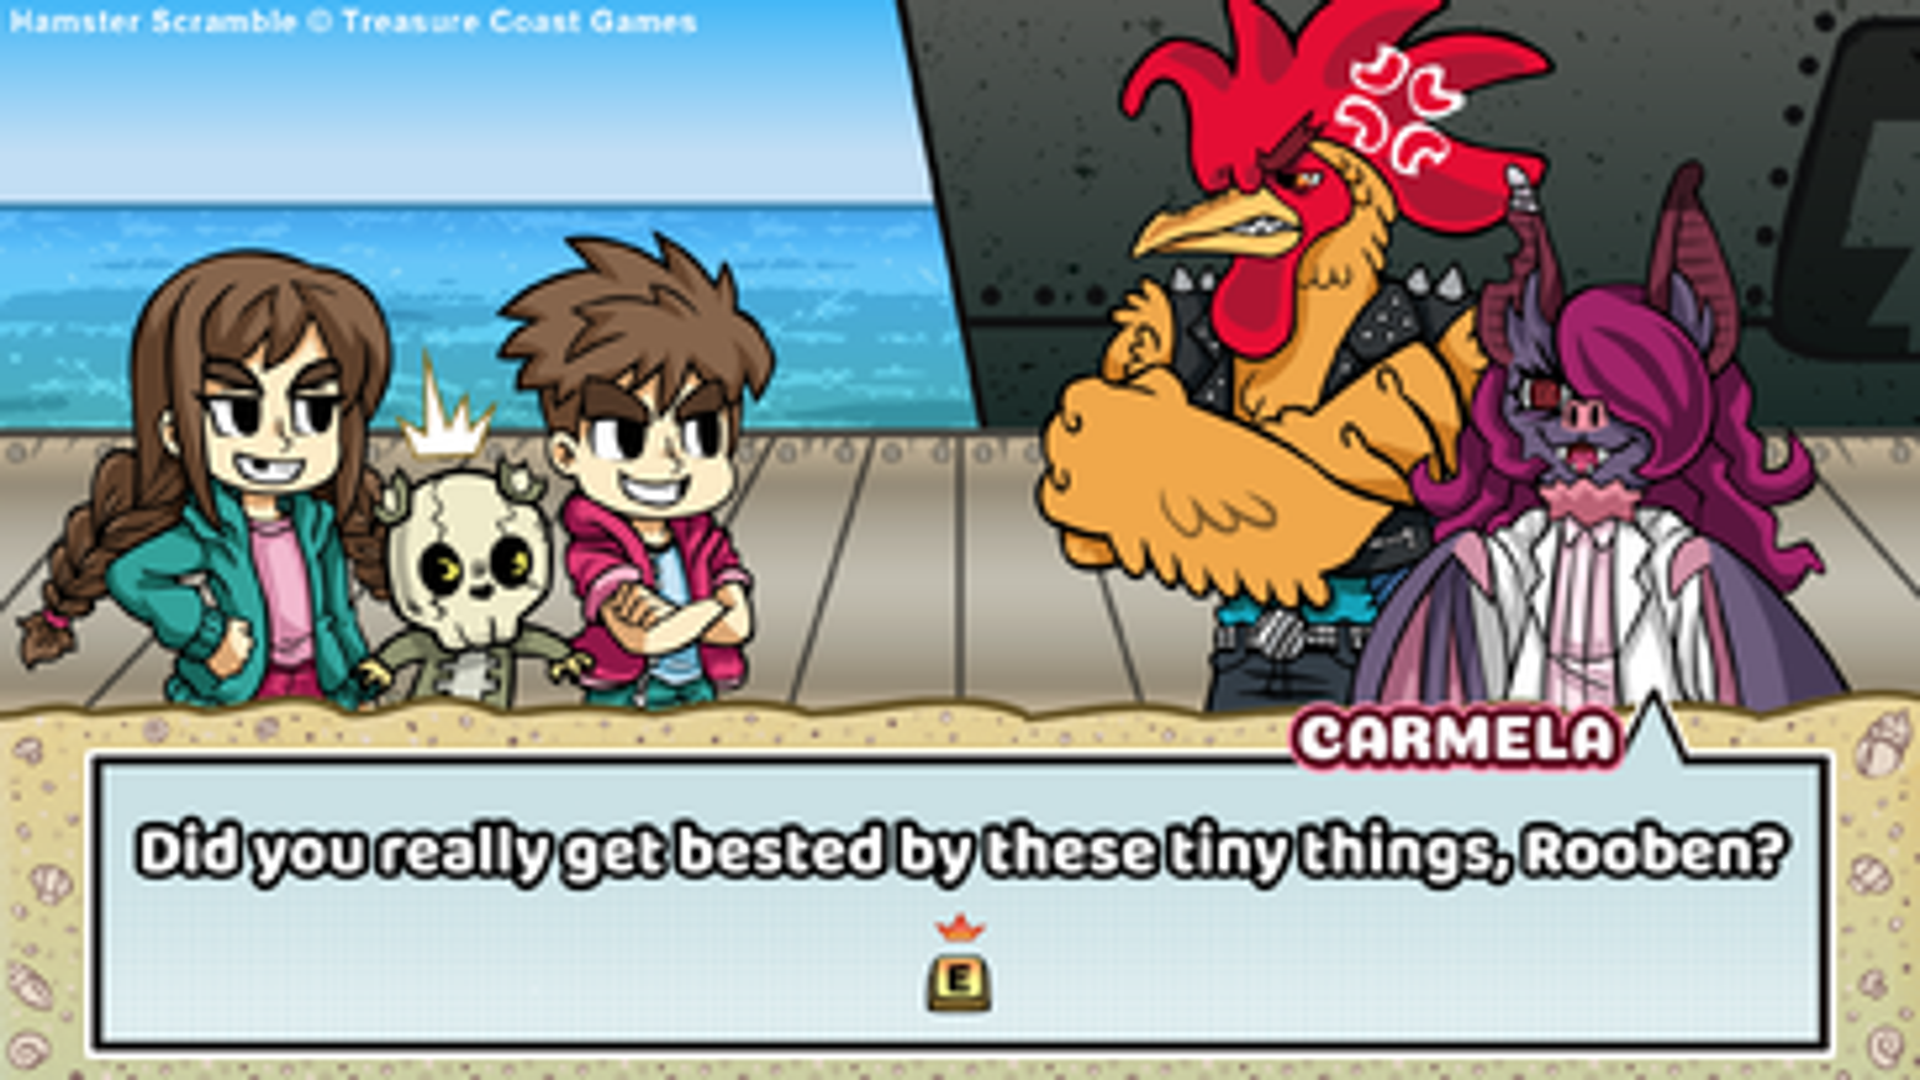 Screenshot of Hamster Scramble